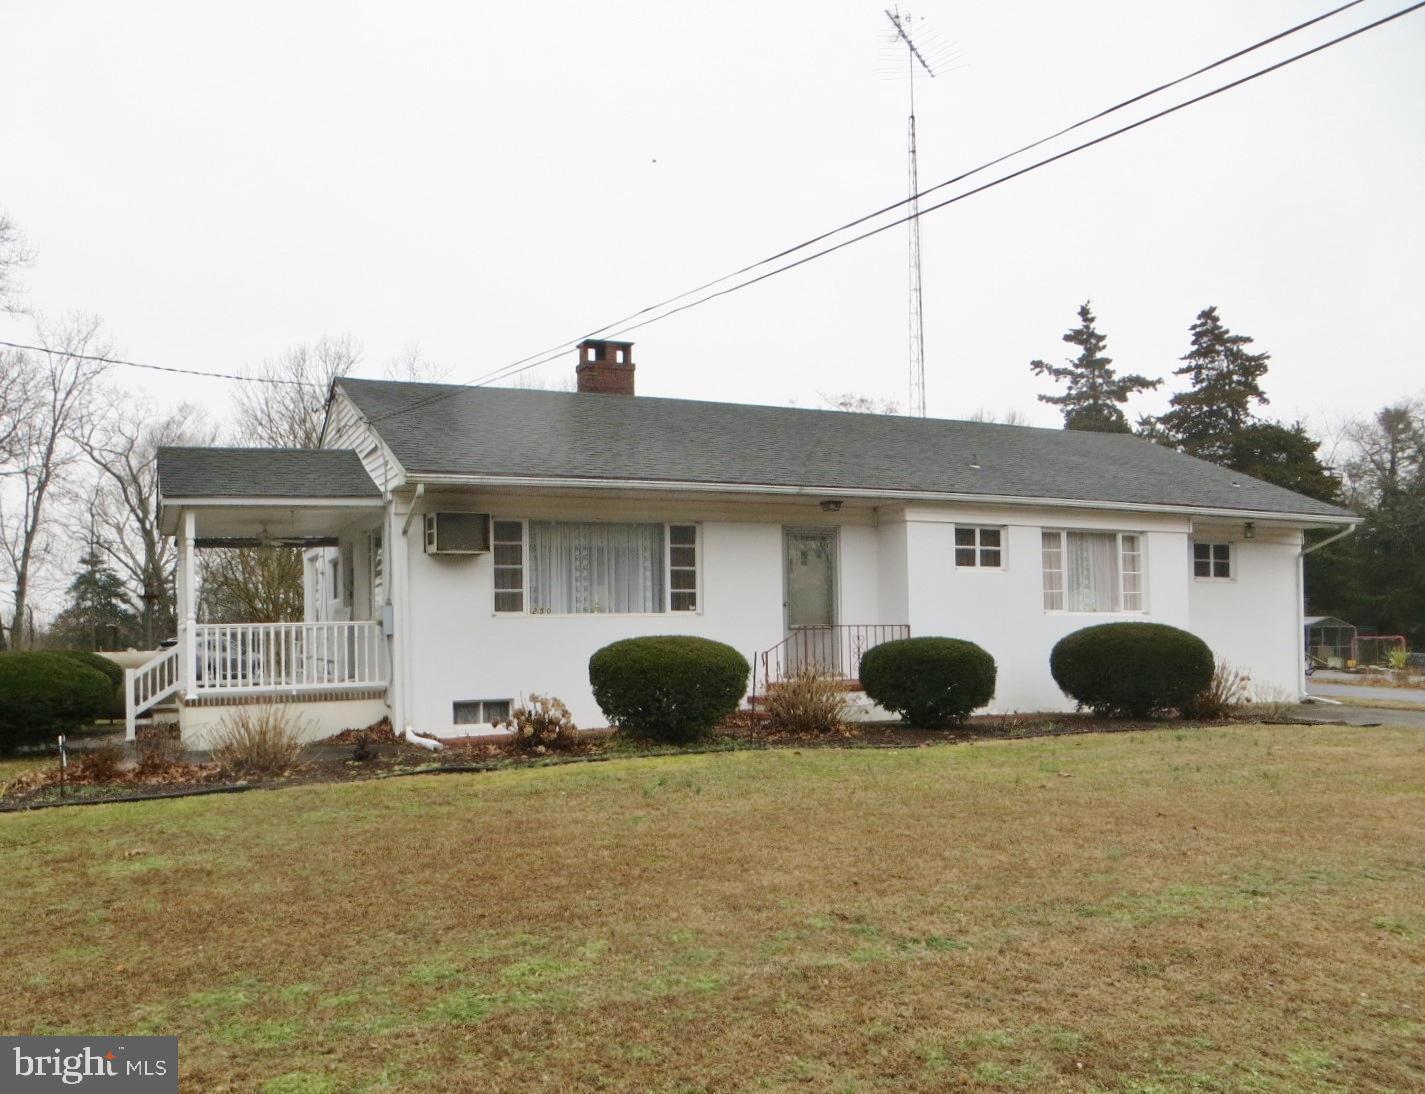 Частный односемейный дом для того Продажа на 250 BRIDGETON FAIRTON Road Bridgeton, Нью-Джерси 08302 Соединенные ШтатыВ/Около: Fairfield Twp